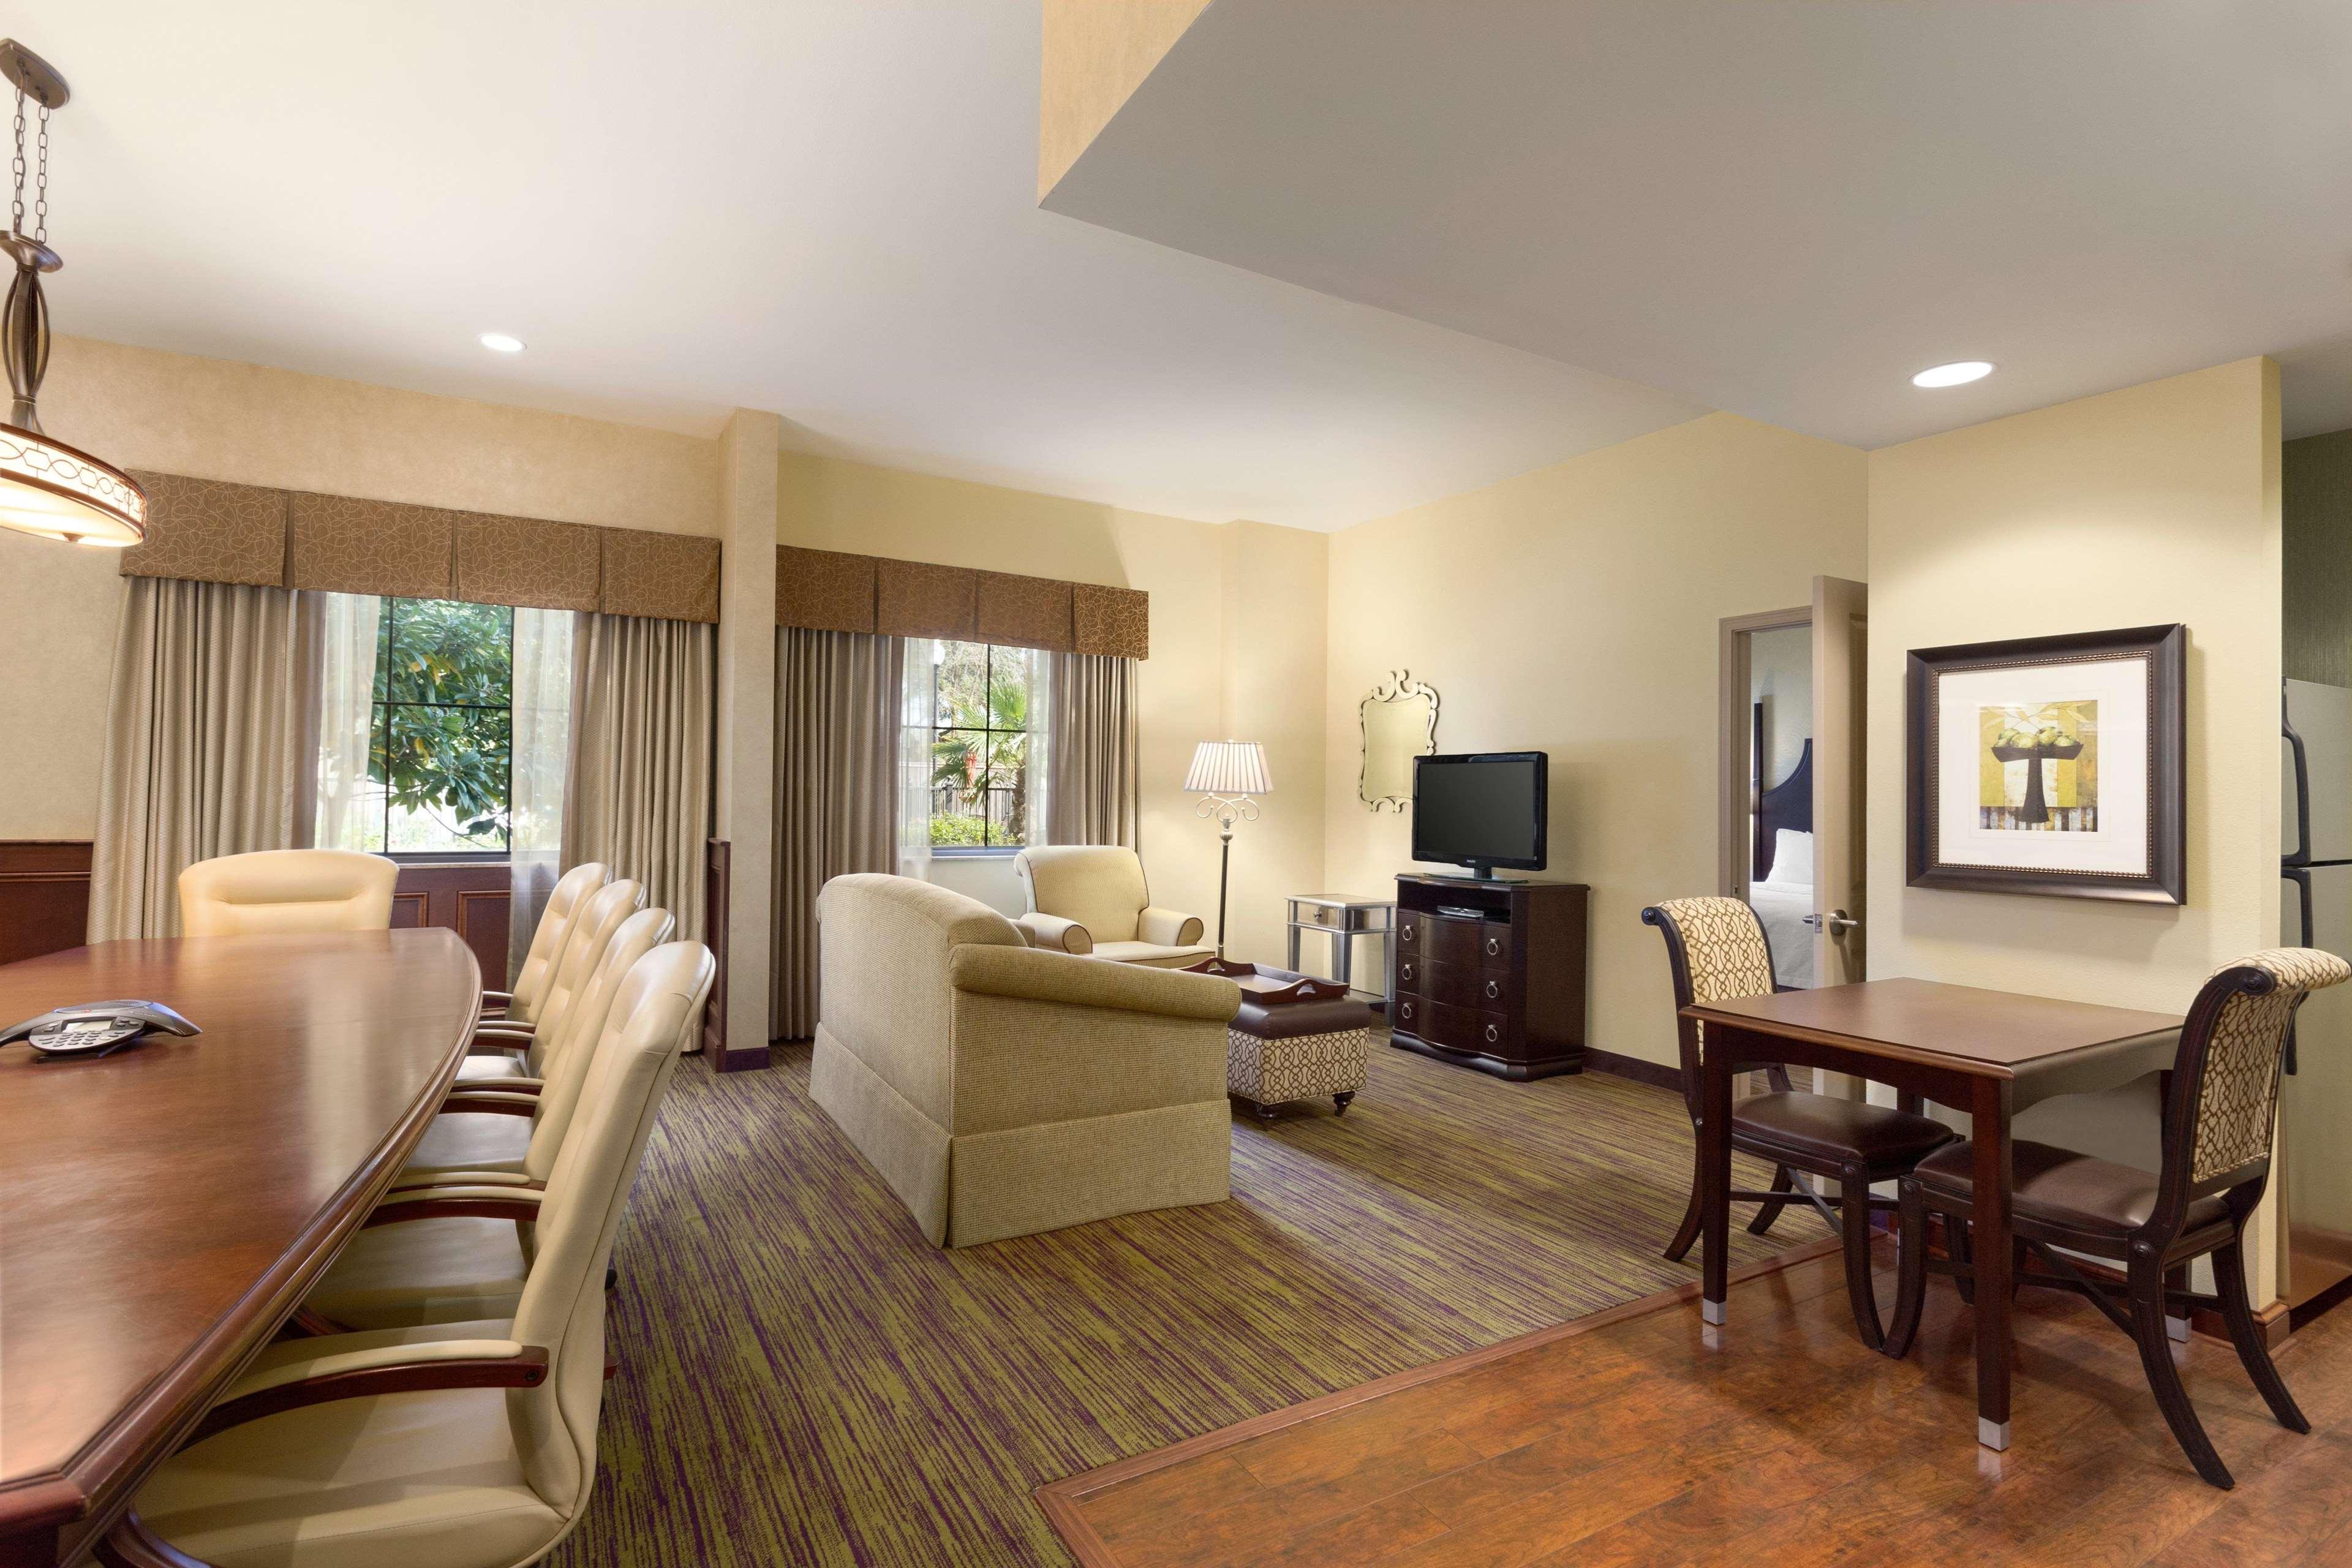 Homewood Suites by Hilton Lafayette-Airport, LA image 11